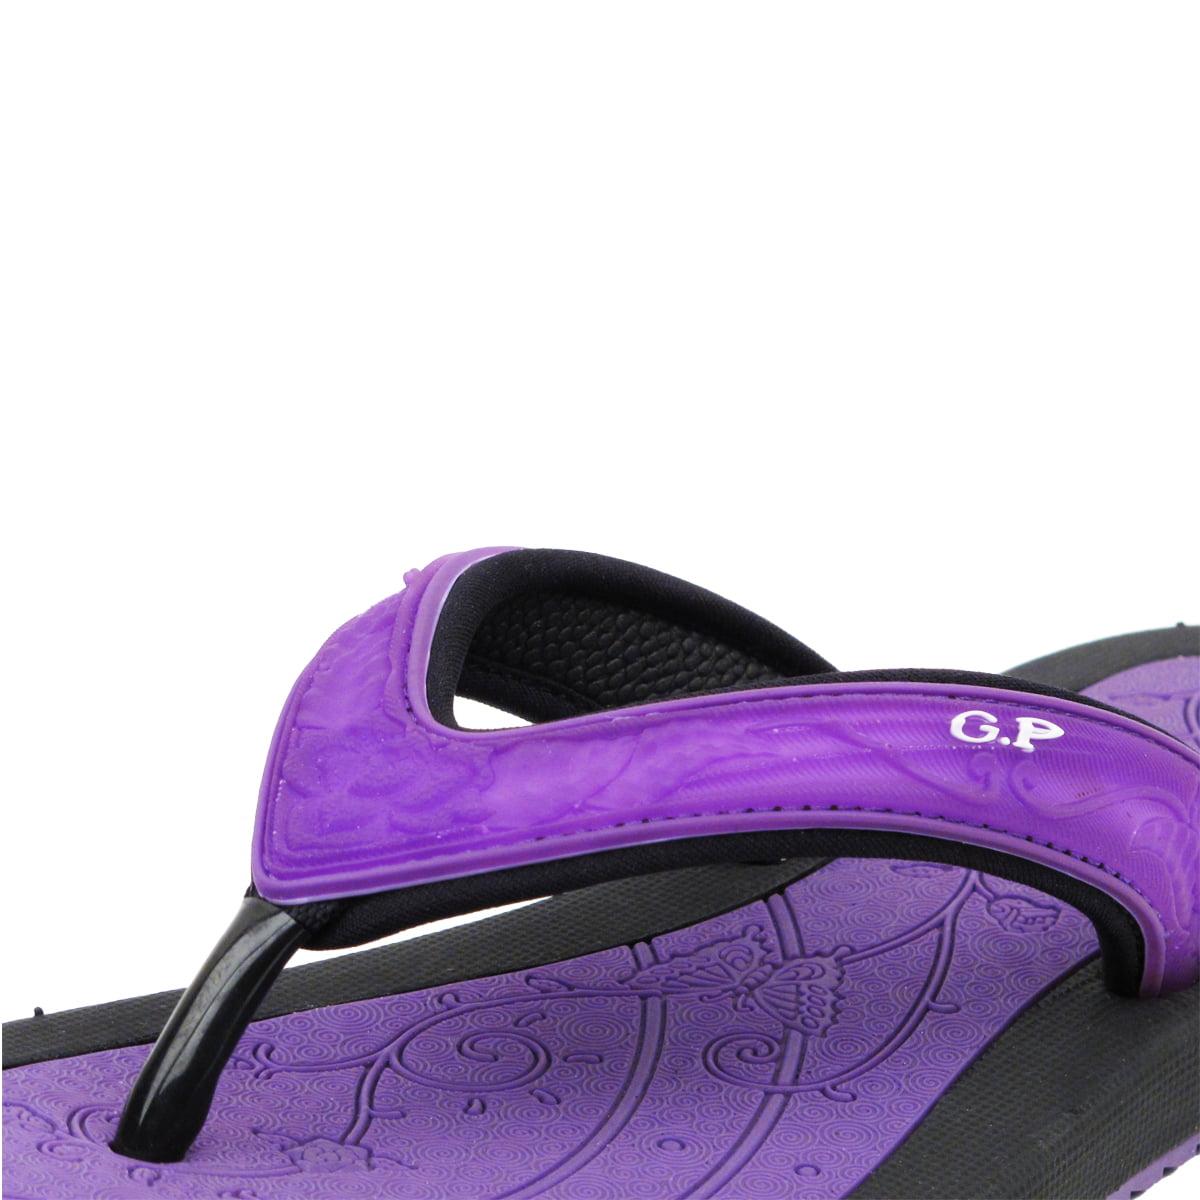 Gold Pigeon Shoes Simplus 6883W Women Light Weight Outdoor Water 5.5-9) Flats Flip Flops (Size 5.5-9) Water 32e64e